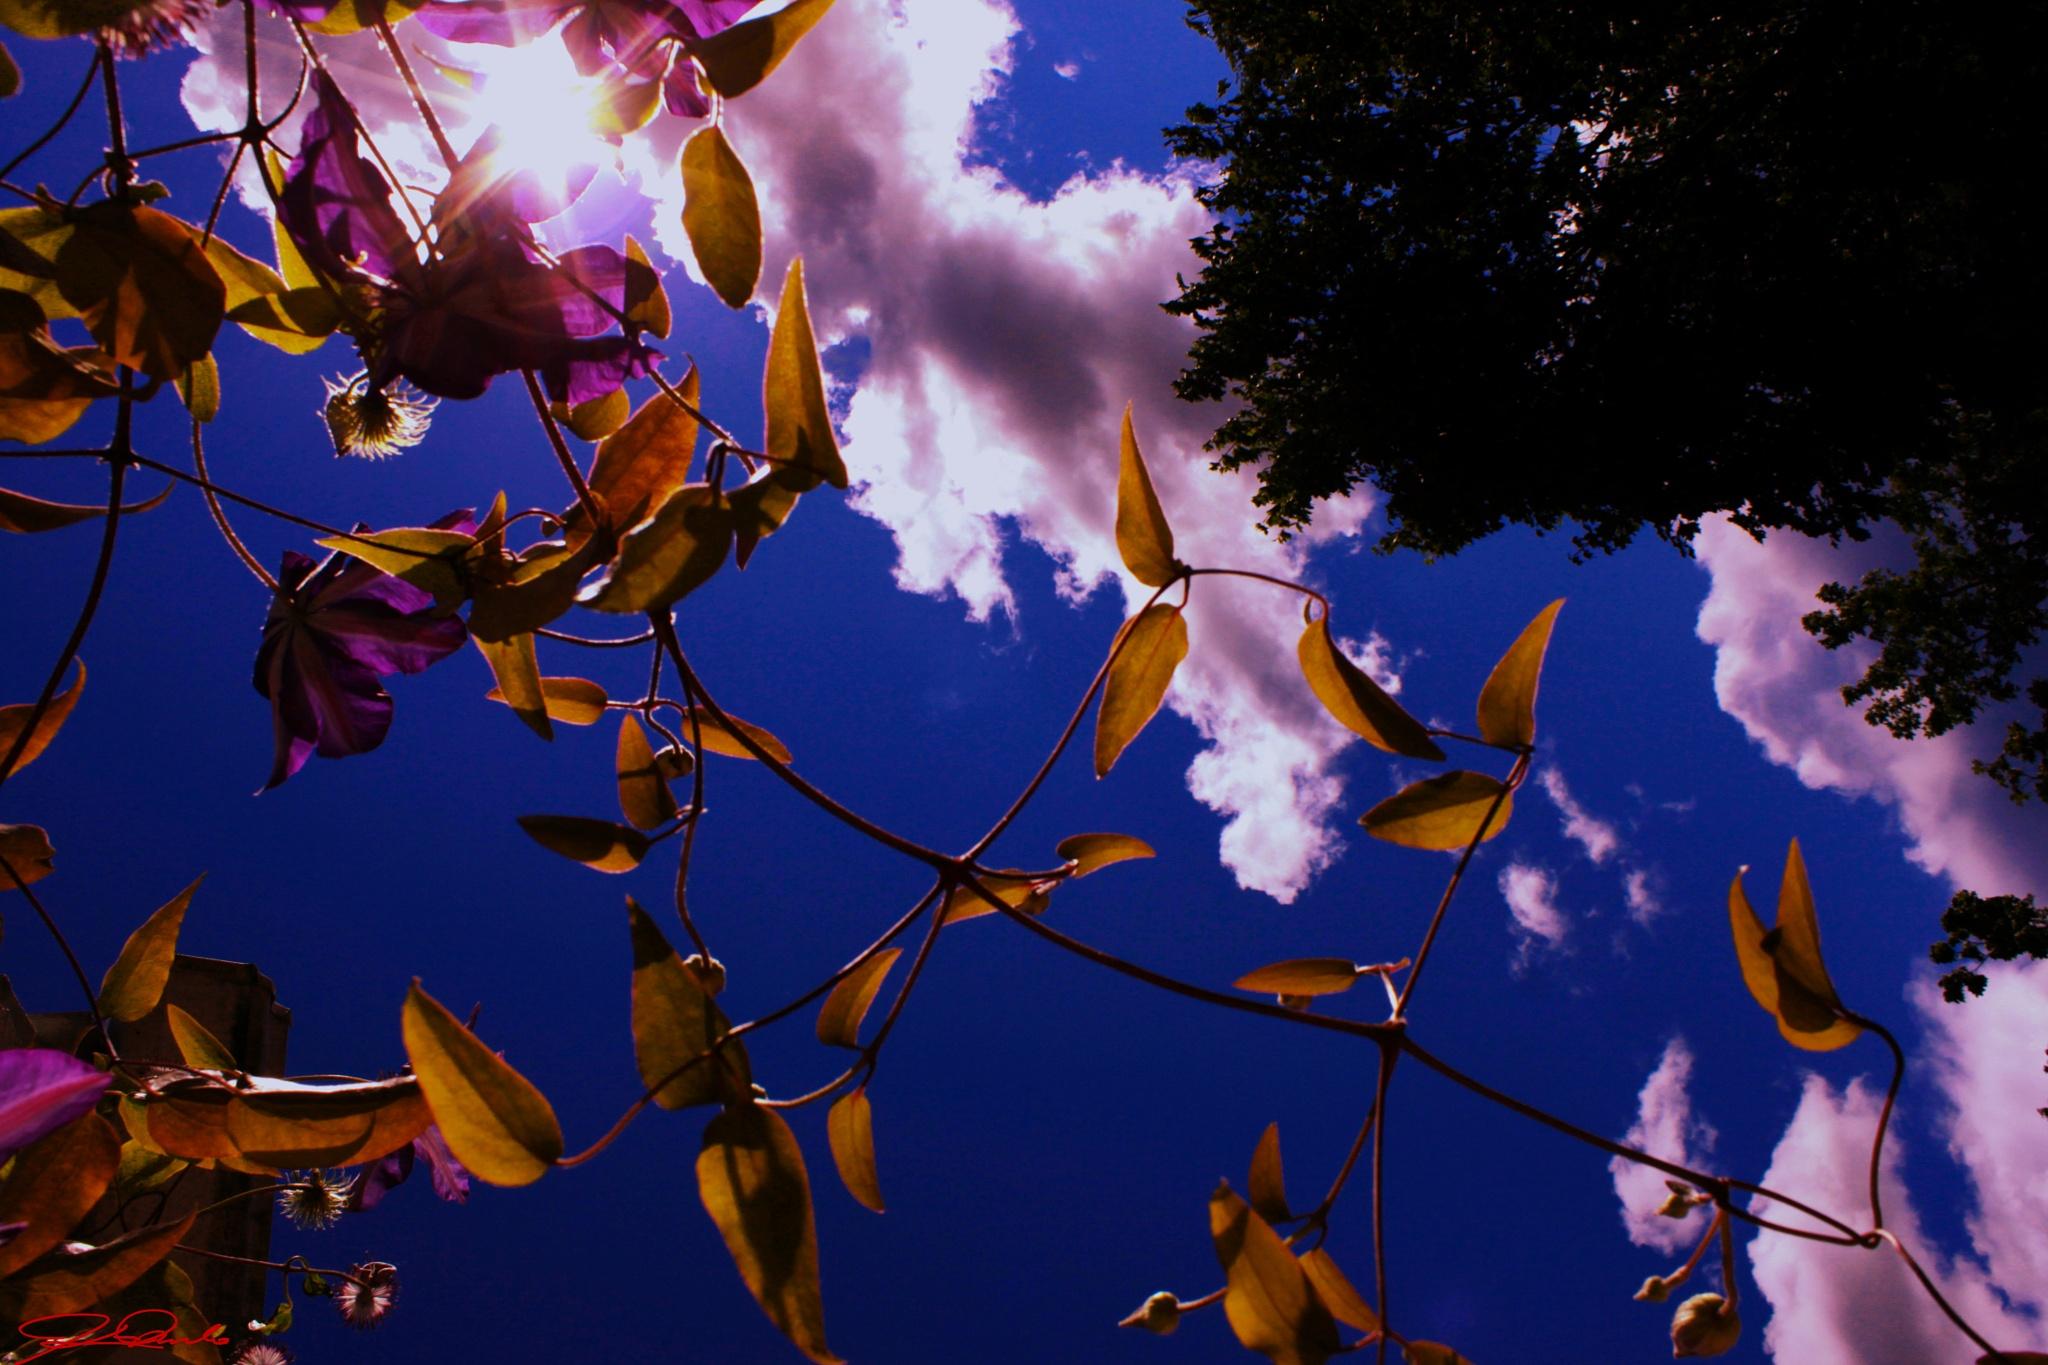 Sunshine to your life by Kicka Terho